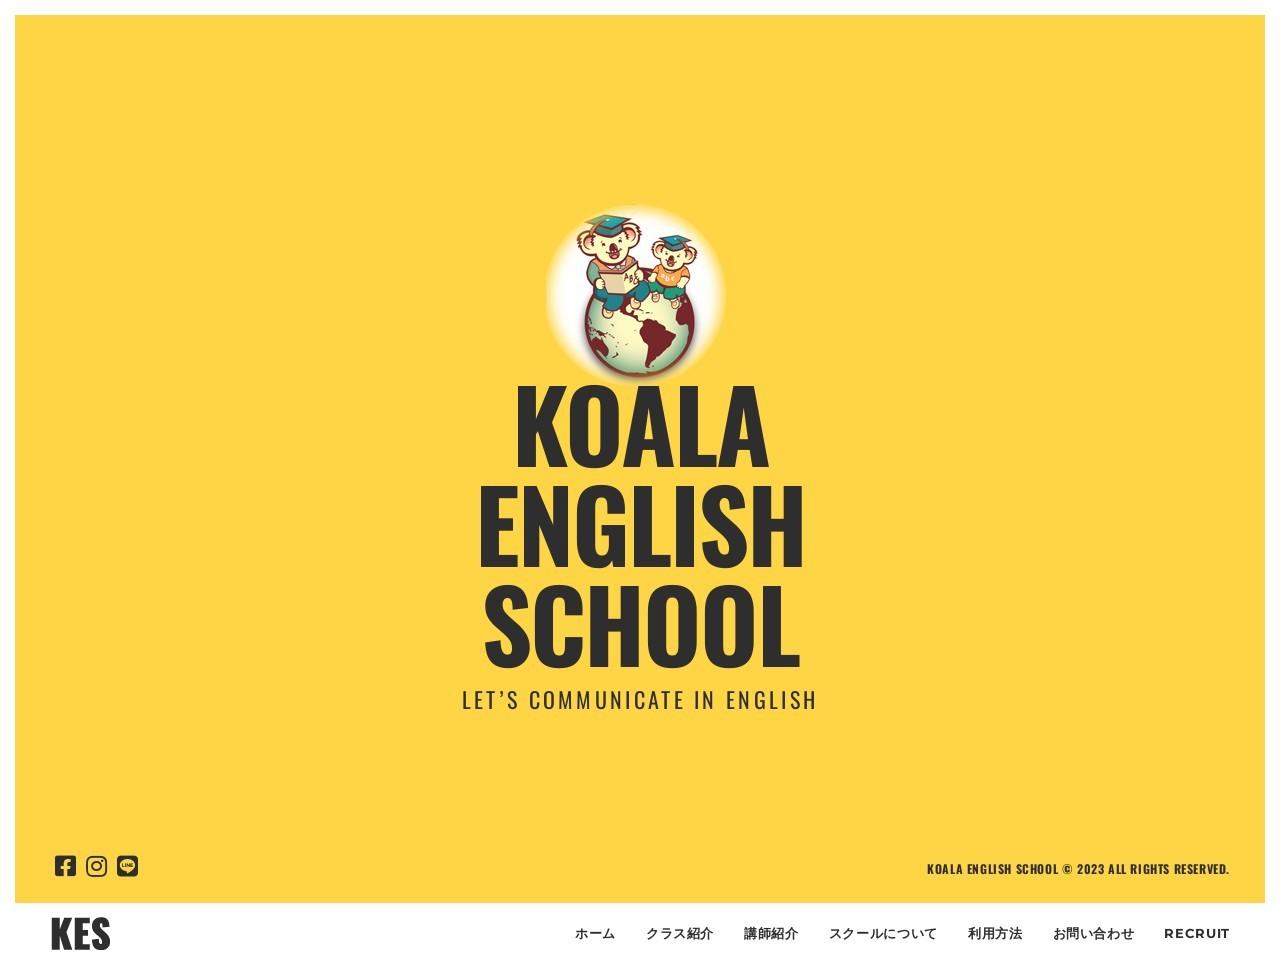 コアラ英会話スクール